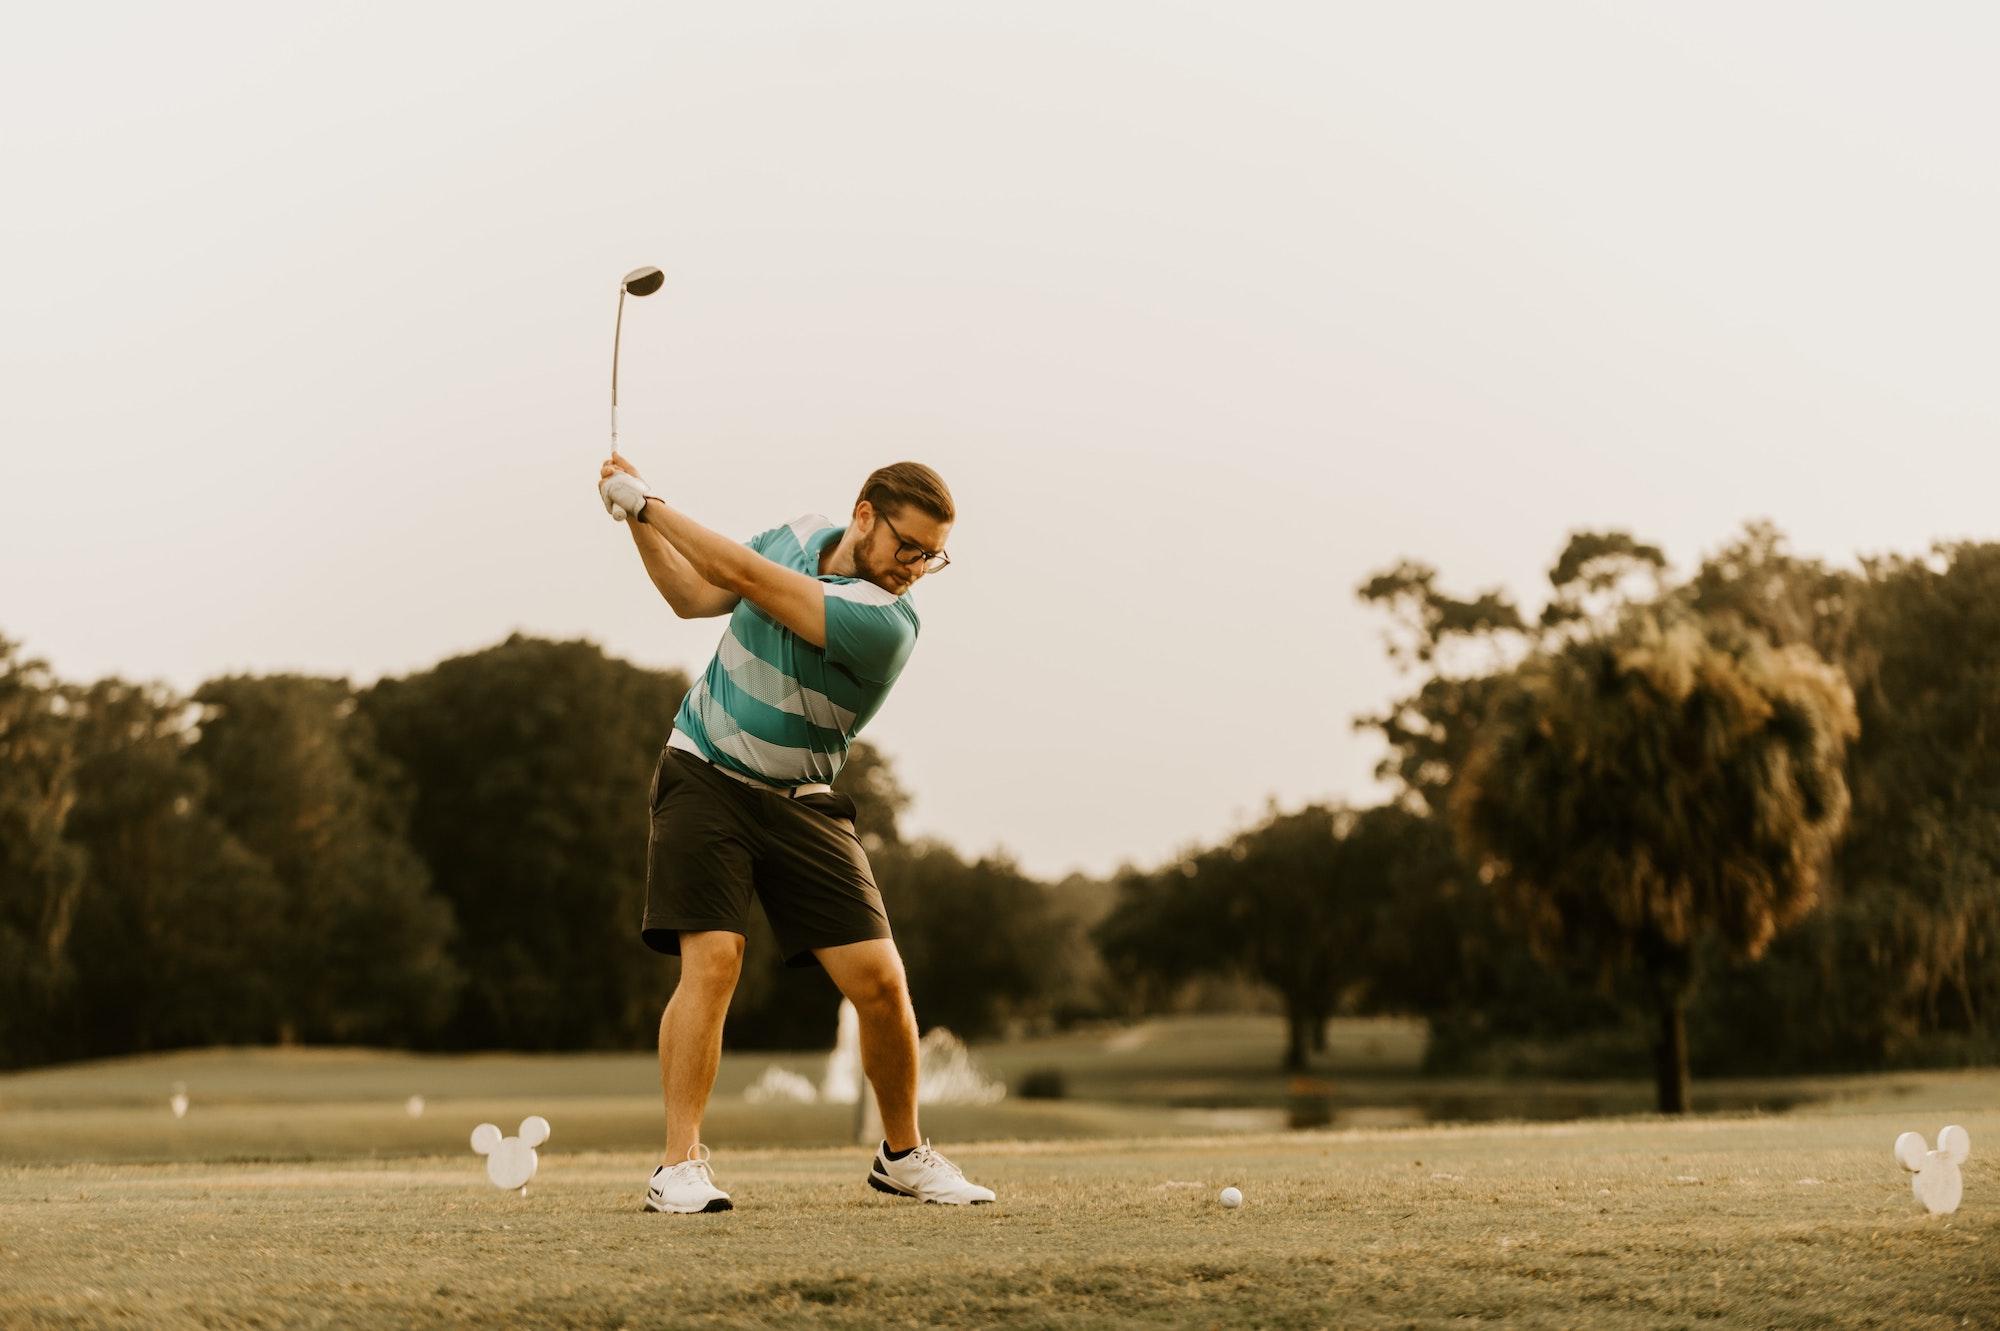 Sådan rammer du en golfbold med en driver